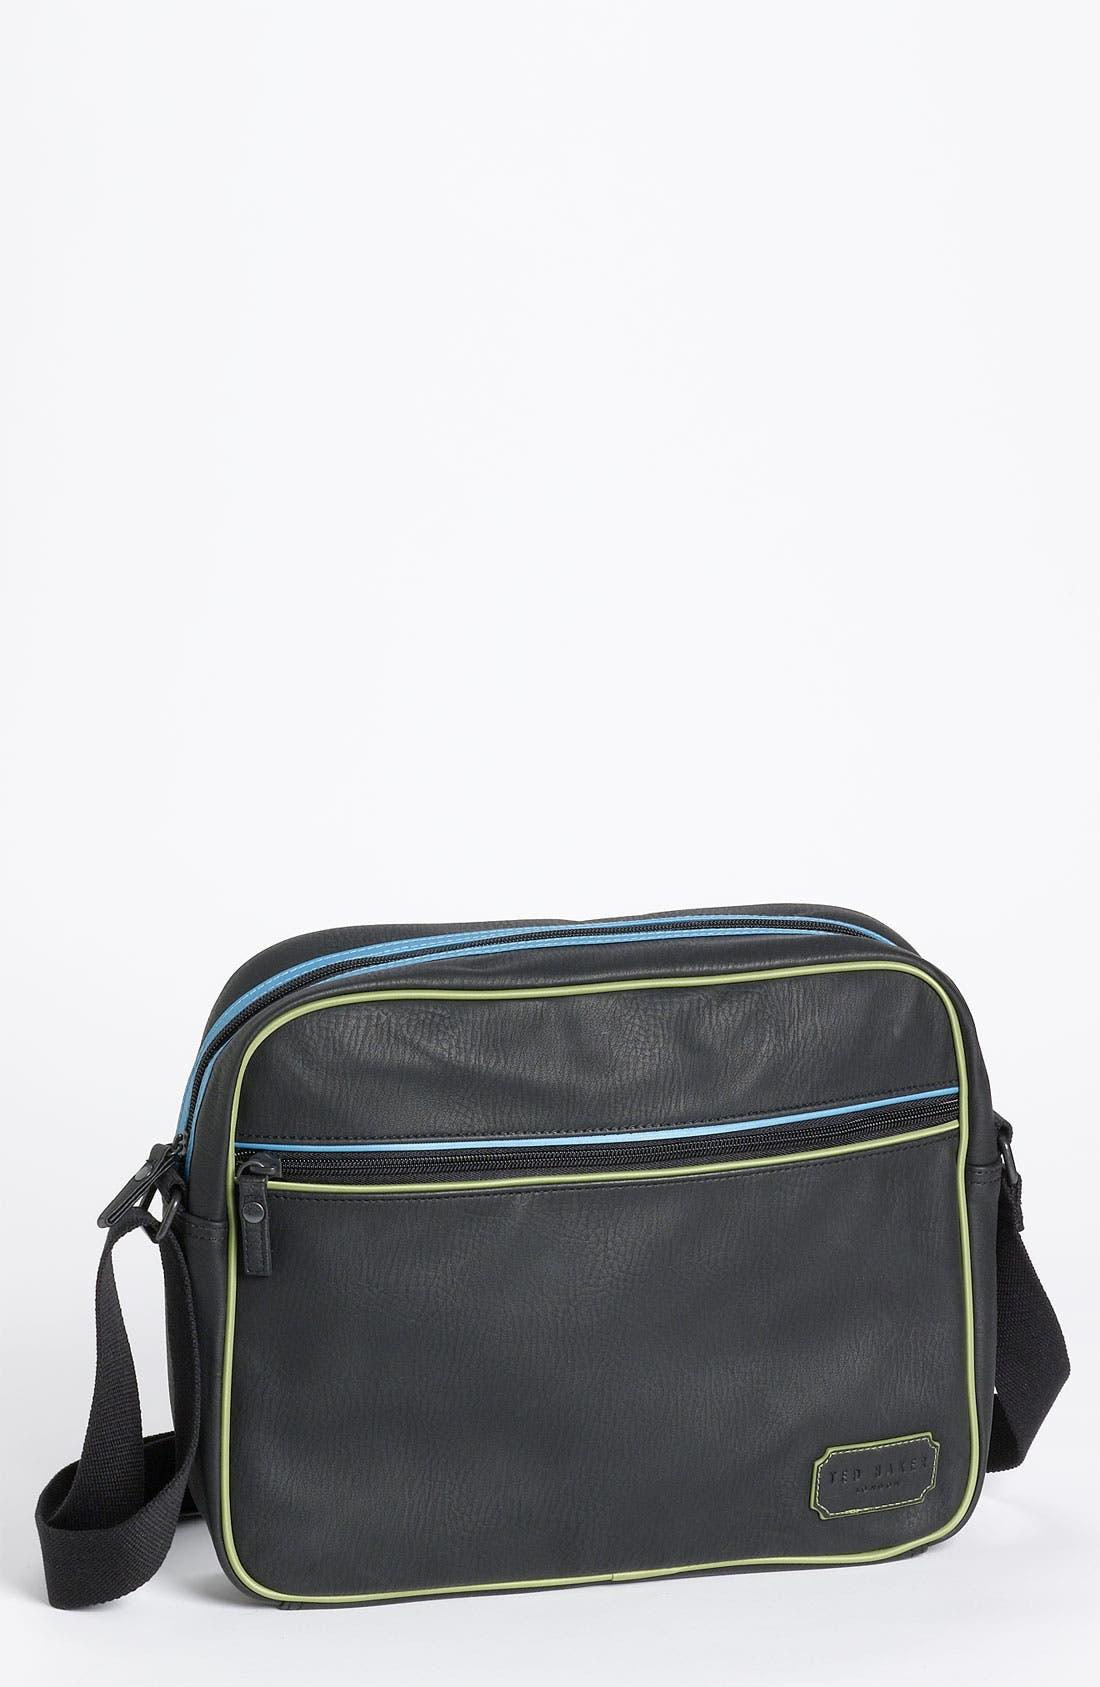 Main Image - Ted Baker London 'Despatch' Messenger Bag